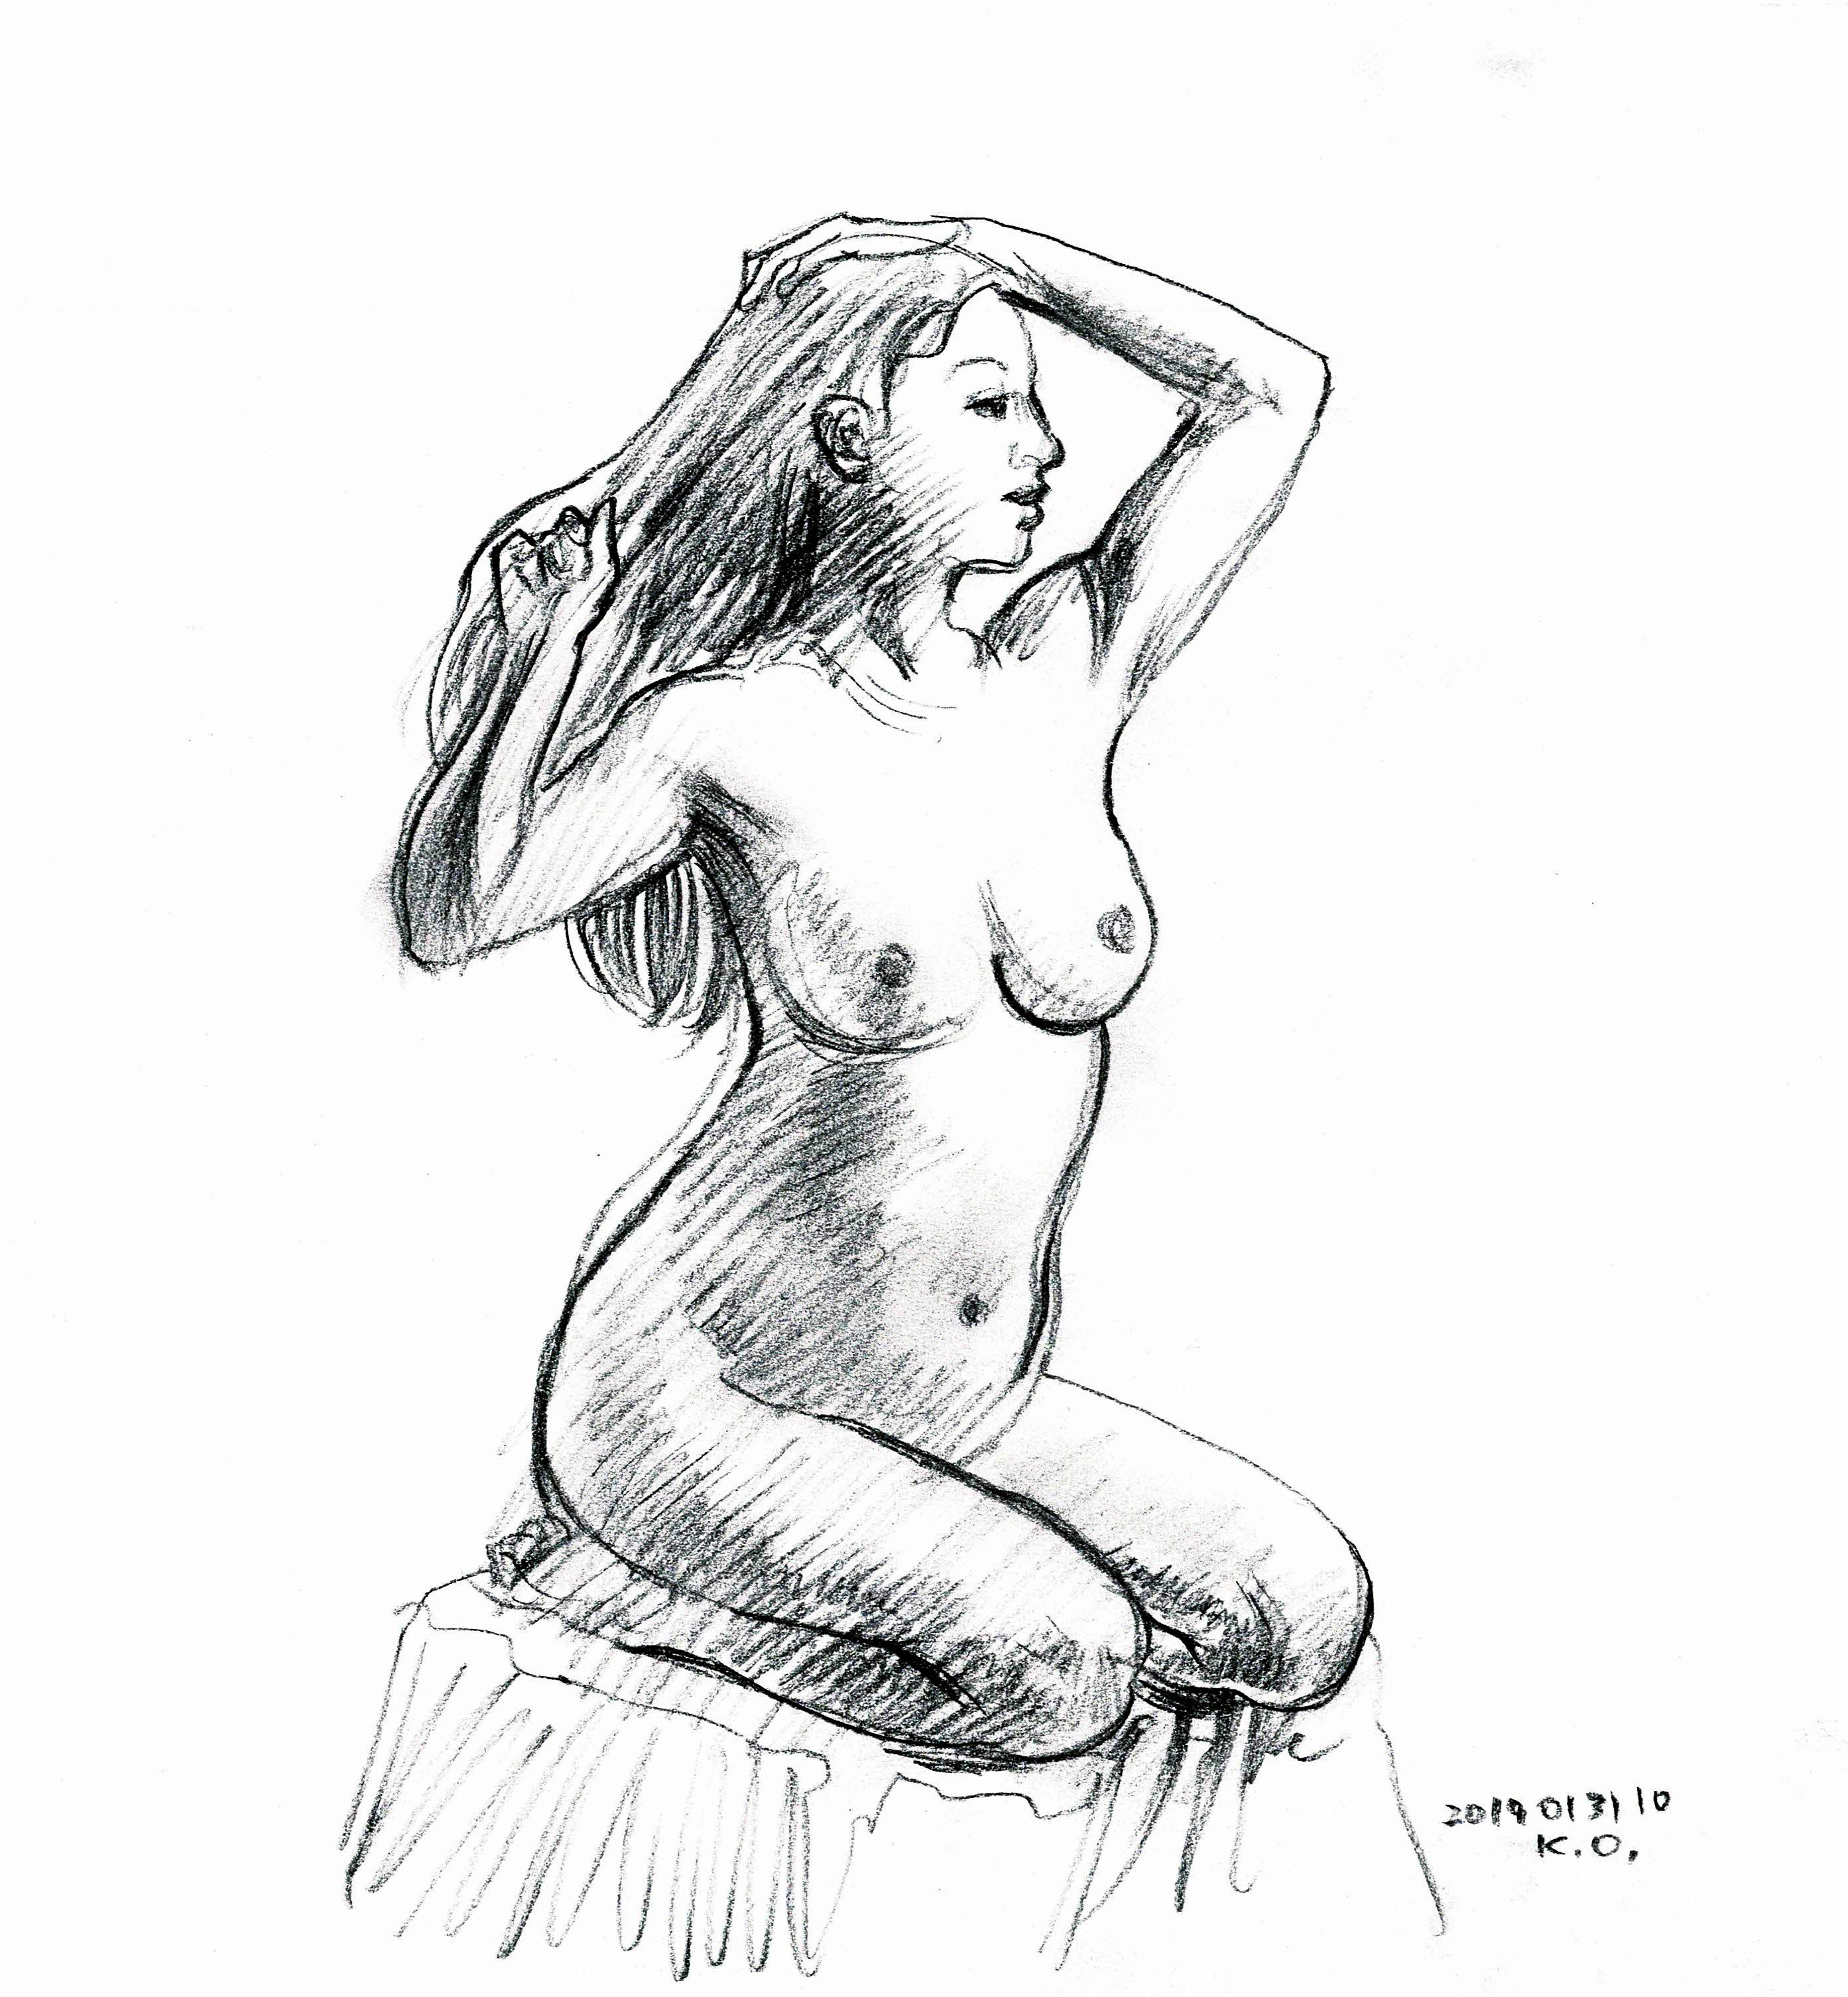 drawing_2019013110